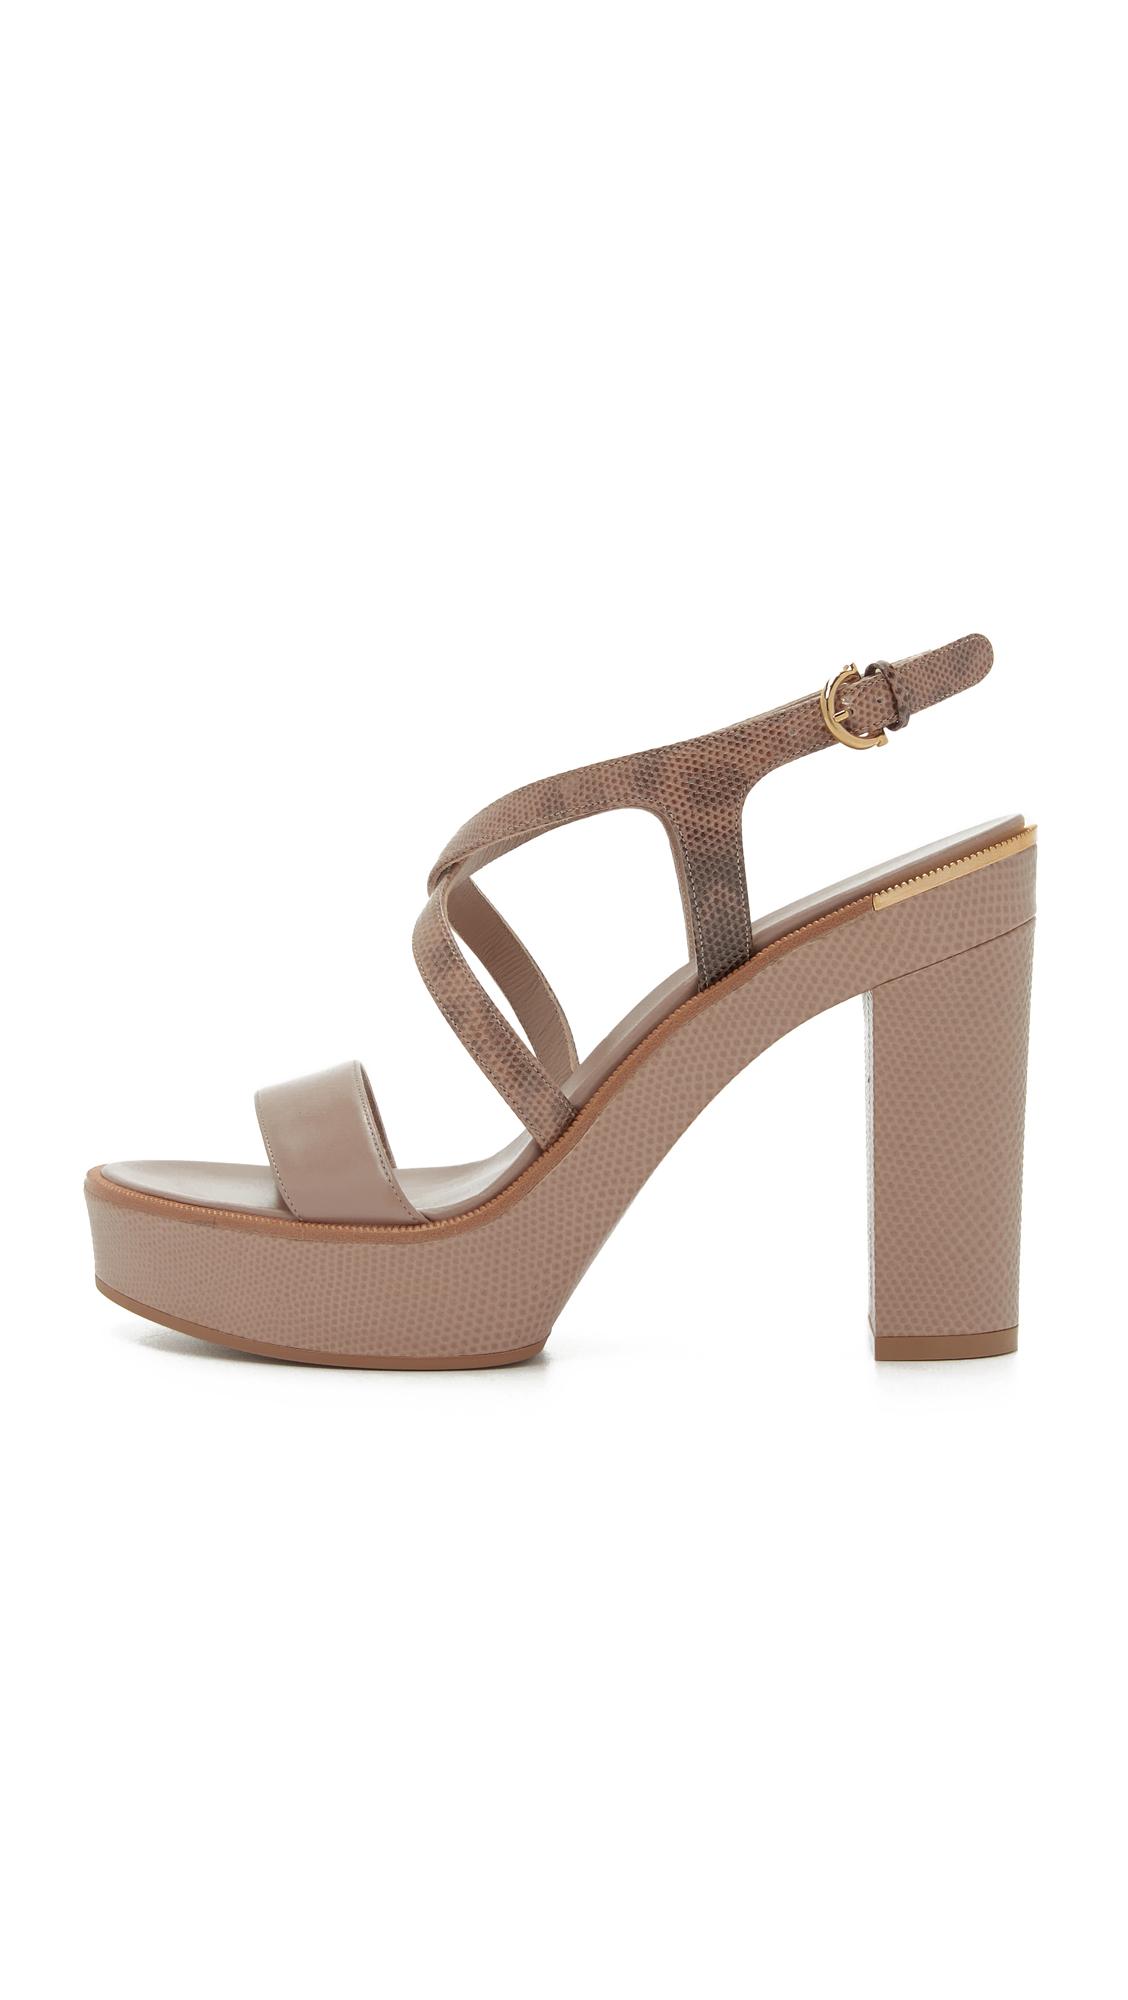 dd32c4026dc1 Ferragamo Gina Platform Sandals in Brown - Lyst